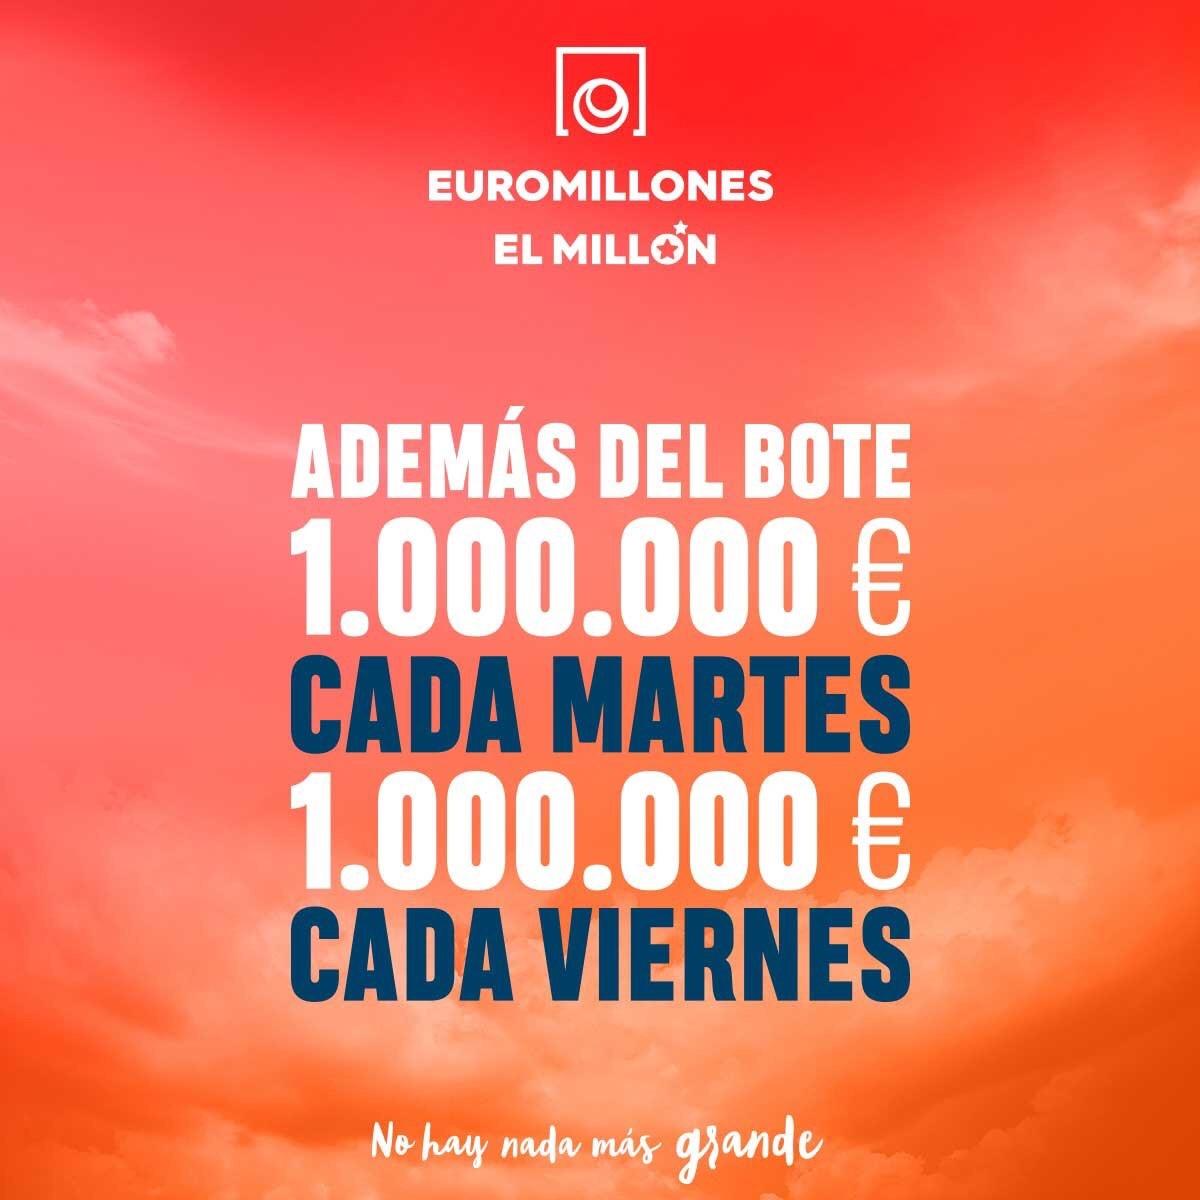 El Millón de Euromillones